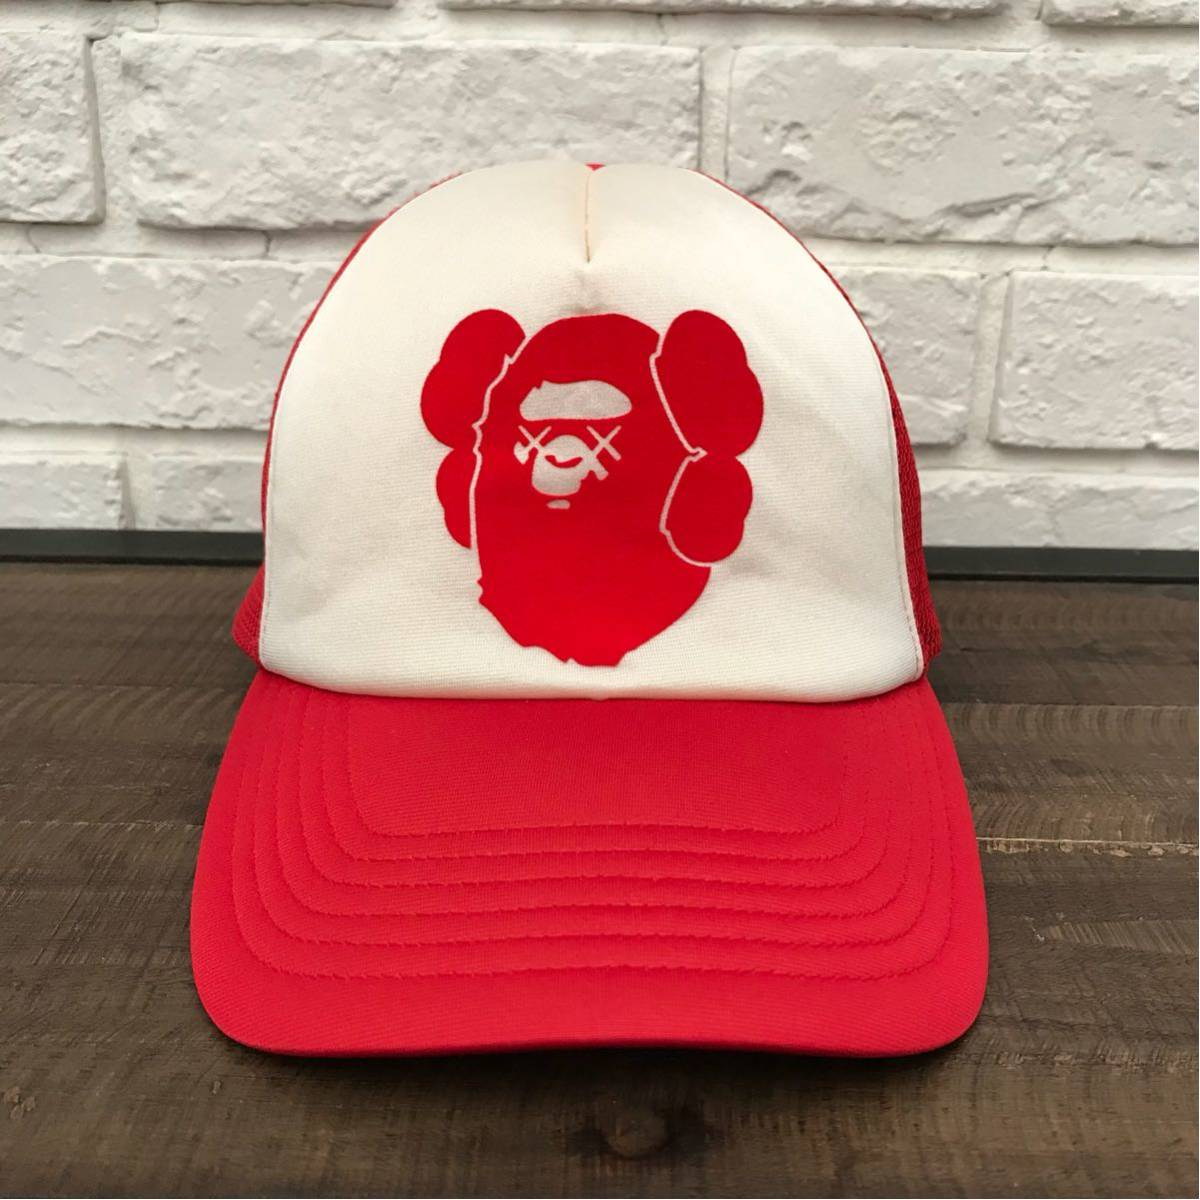 ★激レア★ kaws × BAPE メッシュ キャップ a bathing ape エイプ ベイプ アベイシングエイプ カウズ 帽子 trucker hat cap nigo red